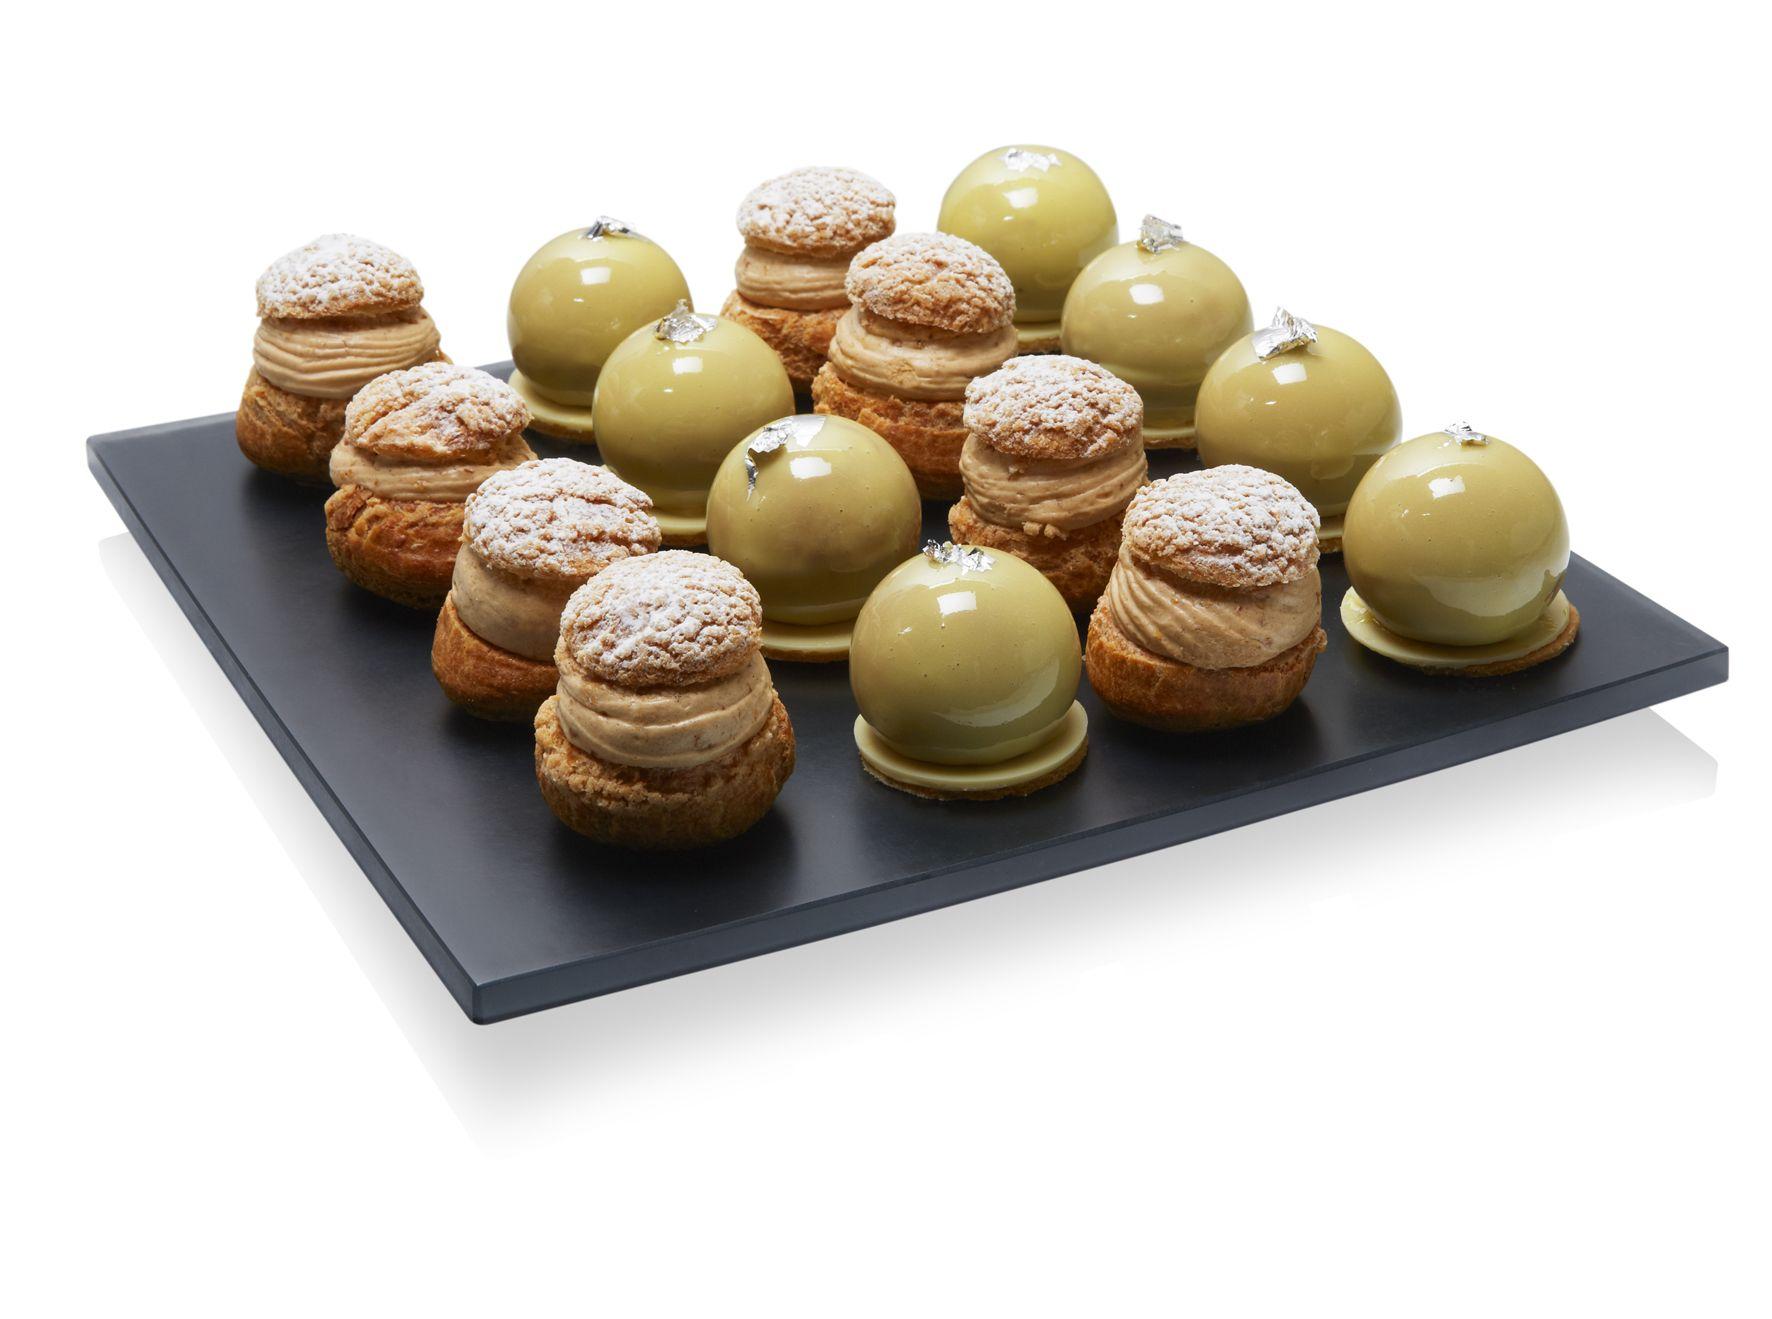 Pin By Sammie Bornstein On Patisserie Love Food Cake Desserts Chocolate Macaron